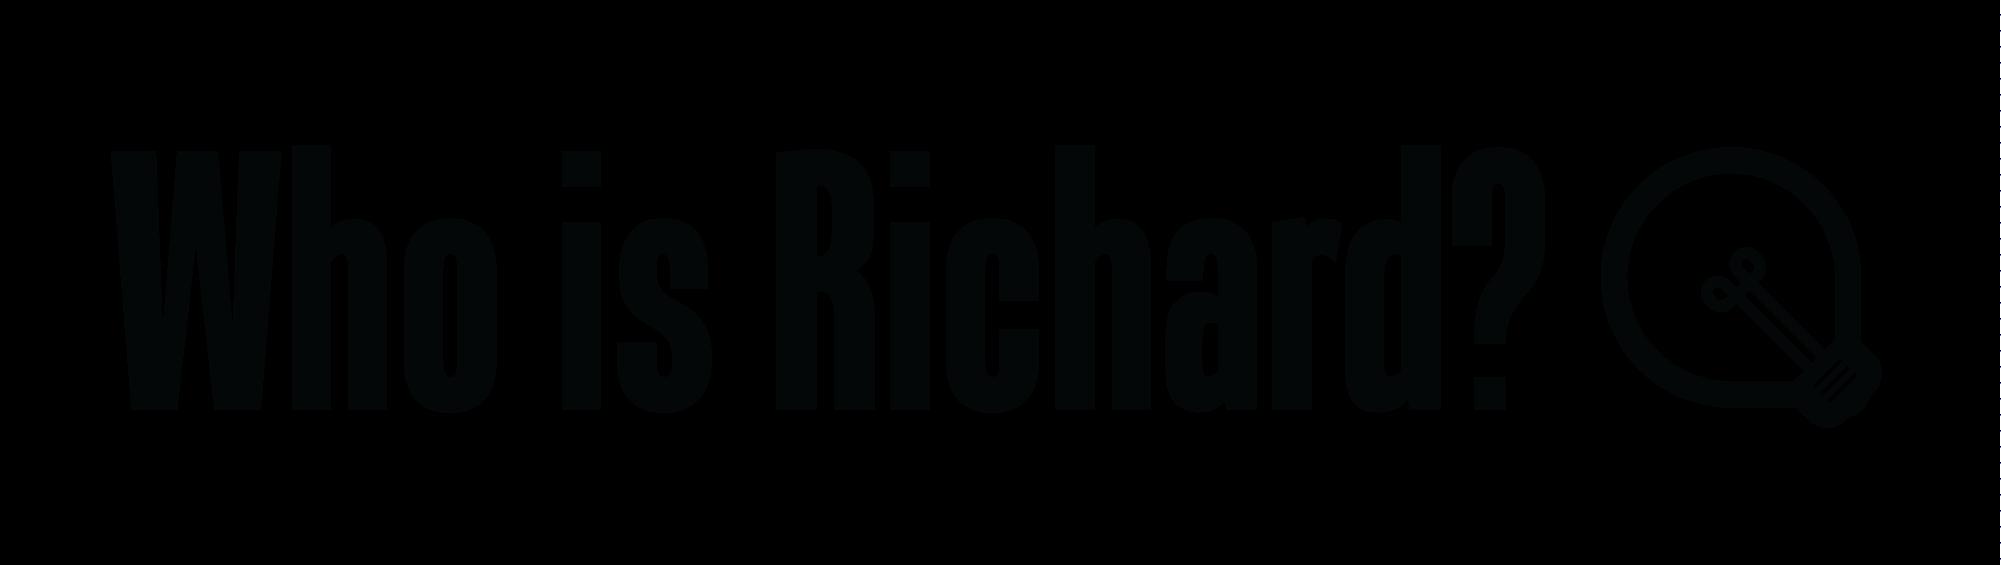 Who is Richard?